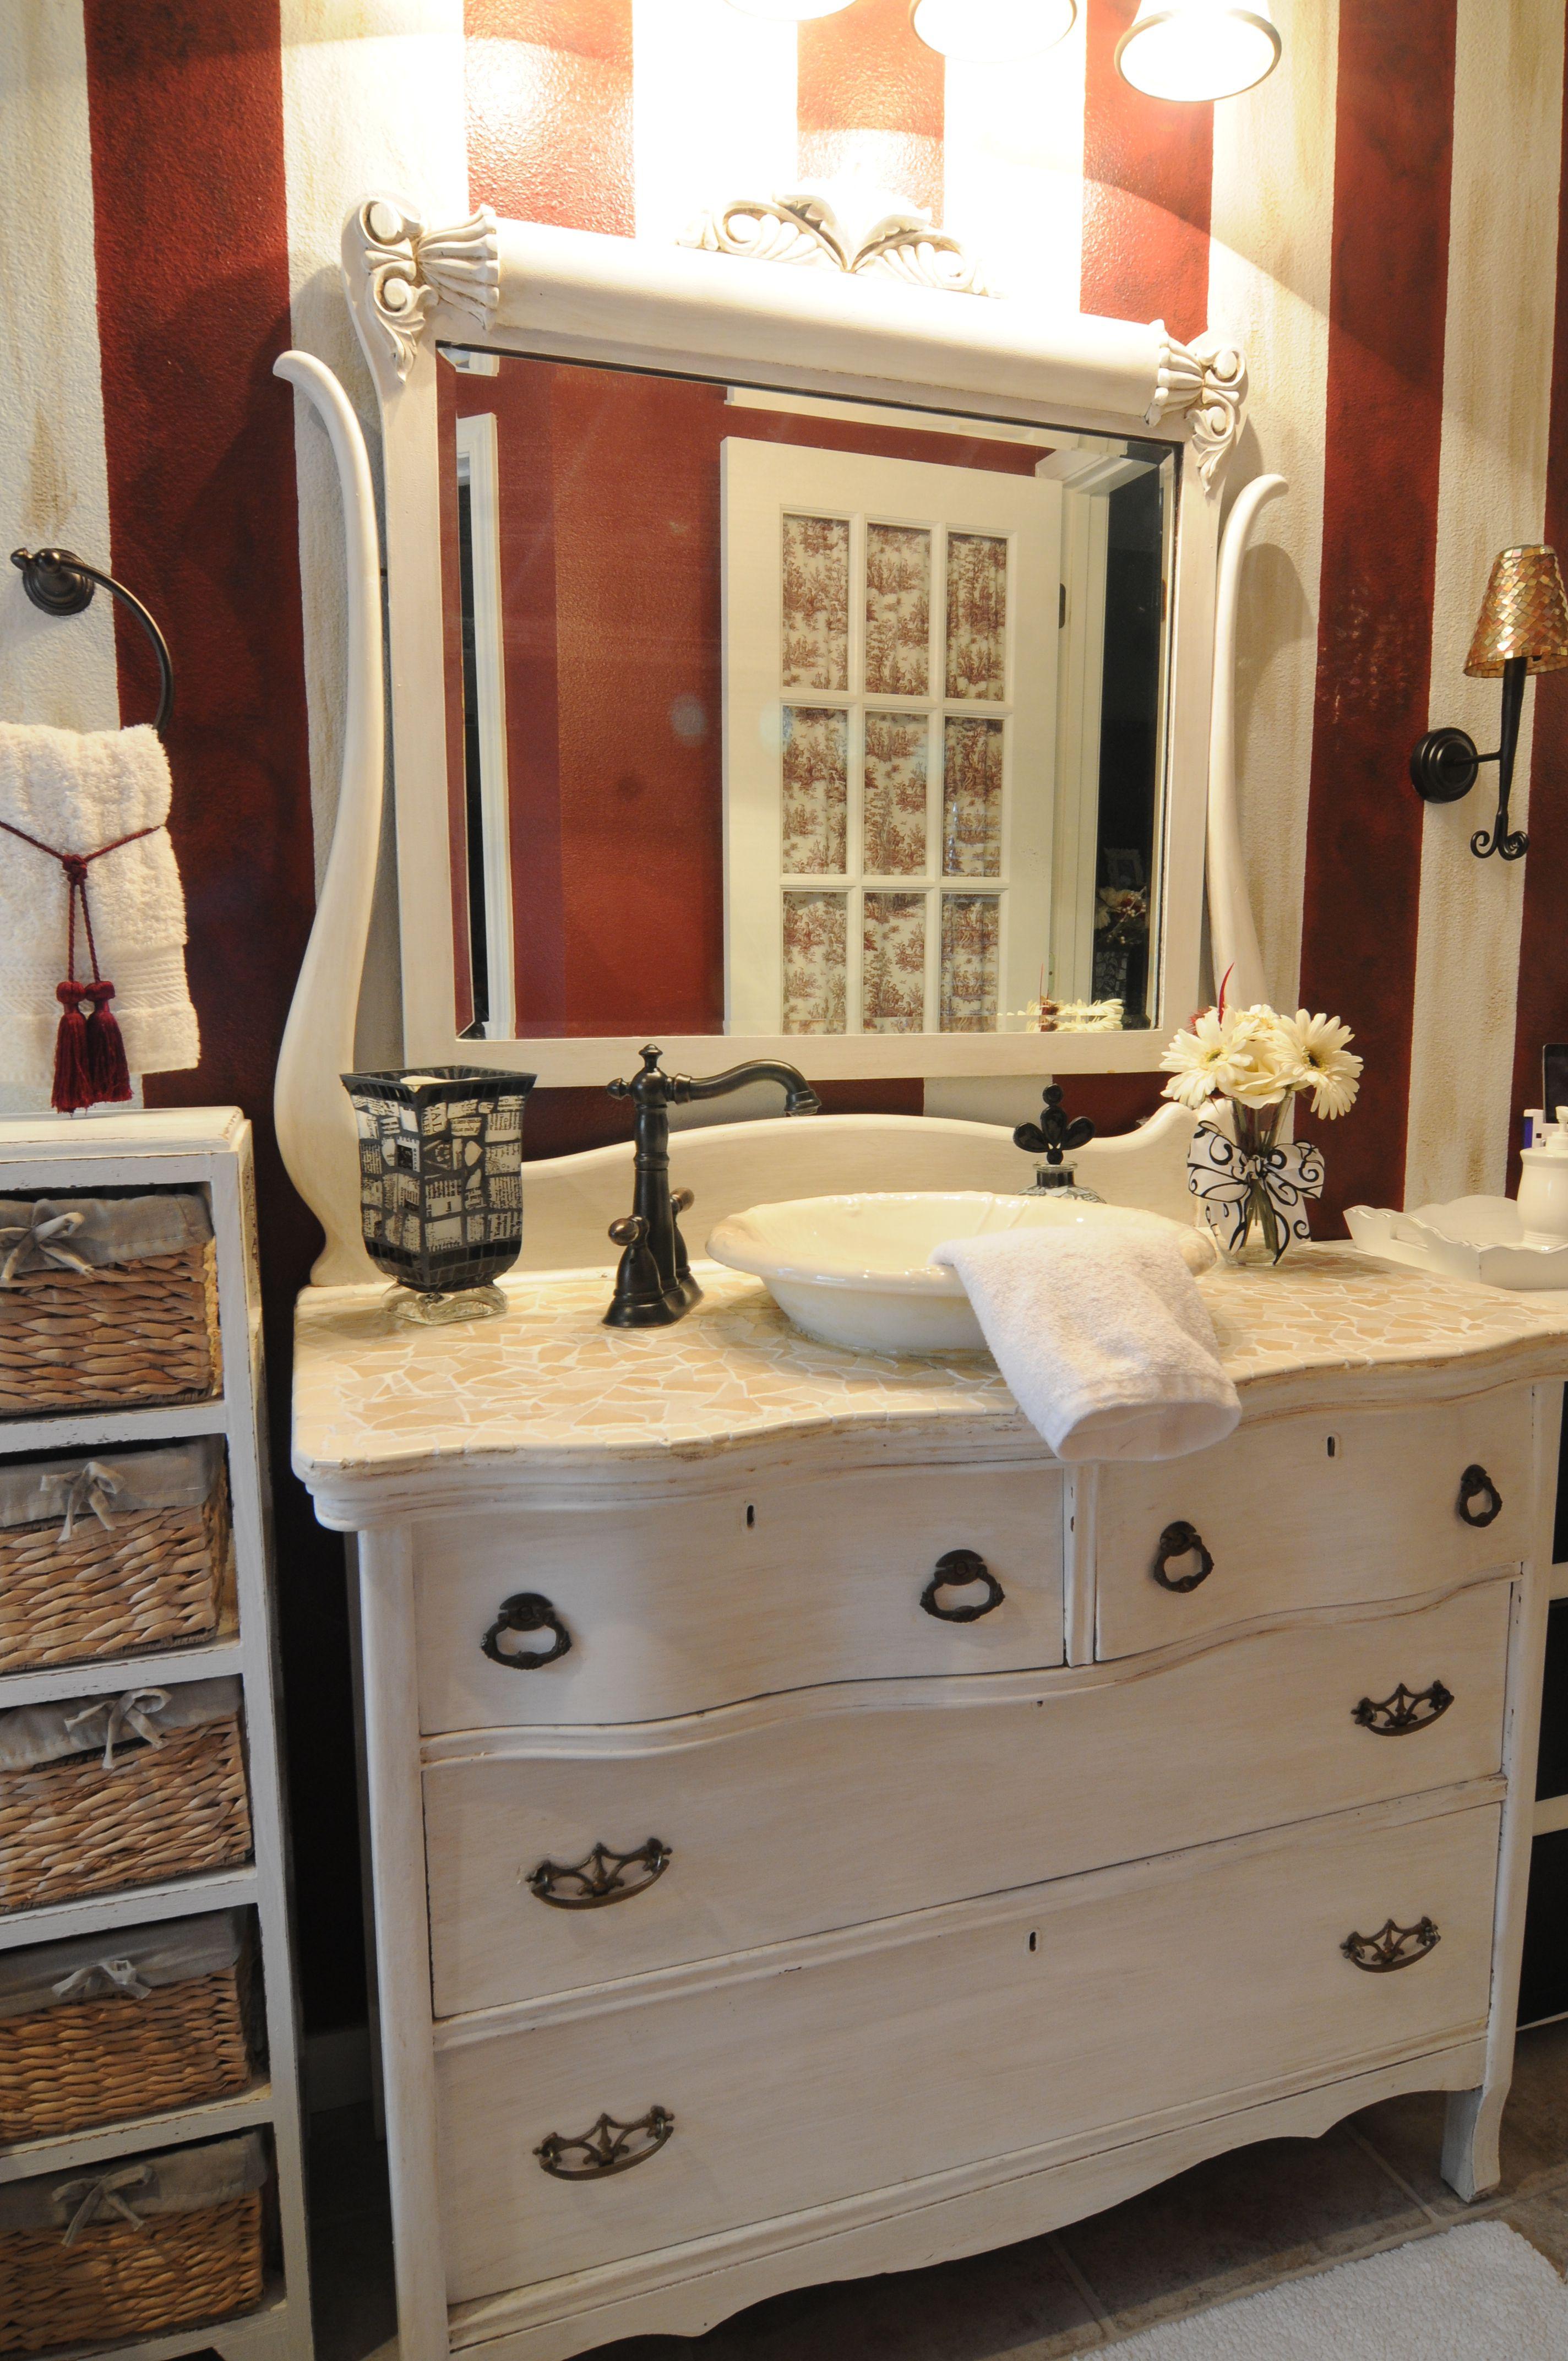 Antique Dresser Made Into A Bathroom Sink Nice Bathroom